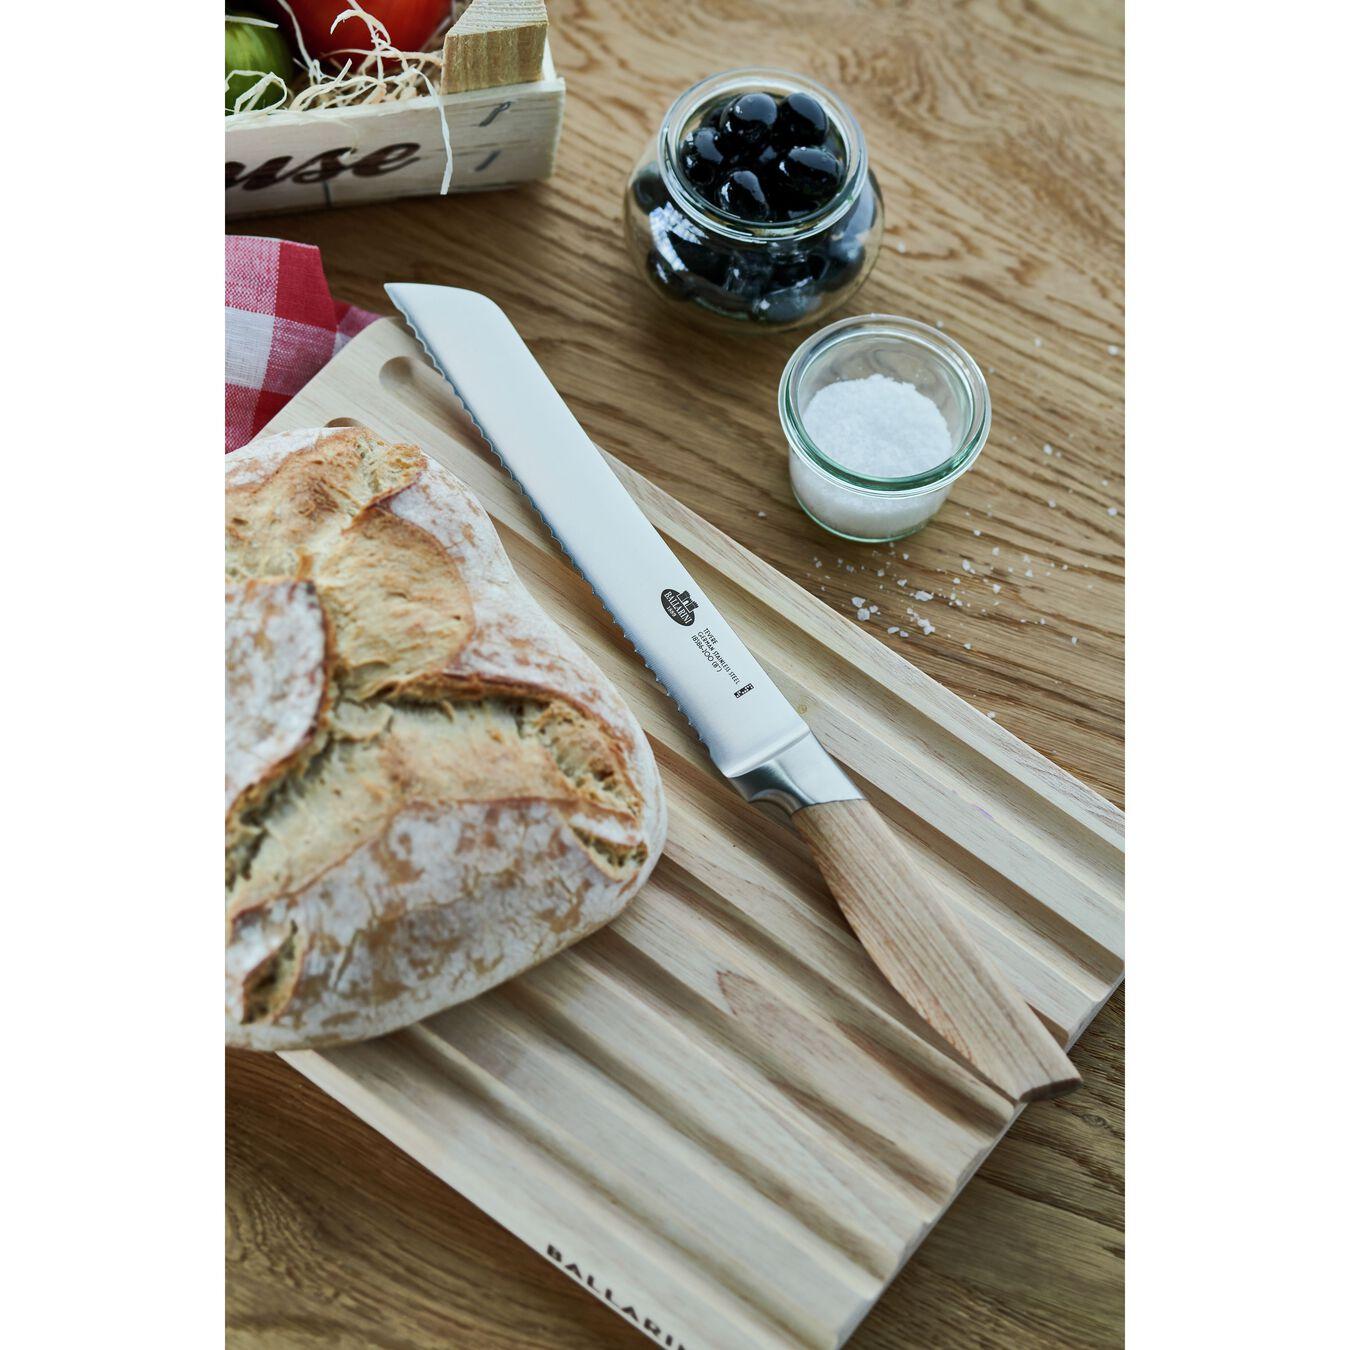 Brotmesser 20 cm, Natur,,large 3